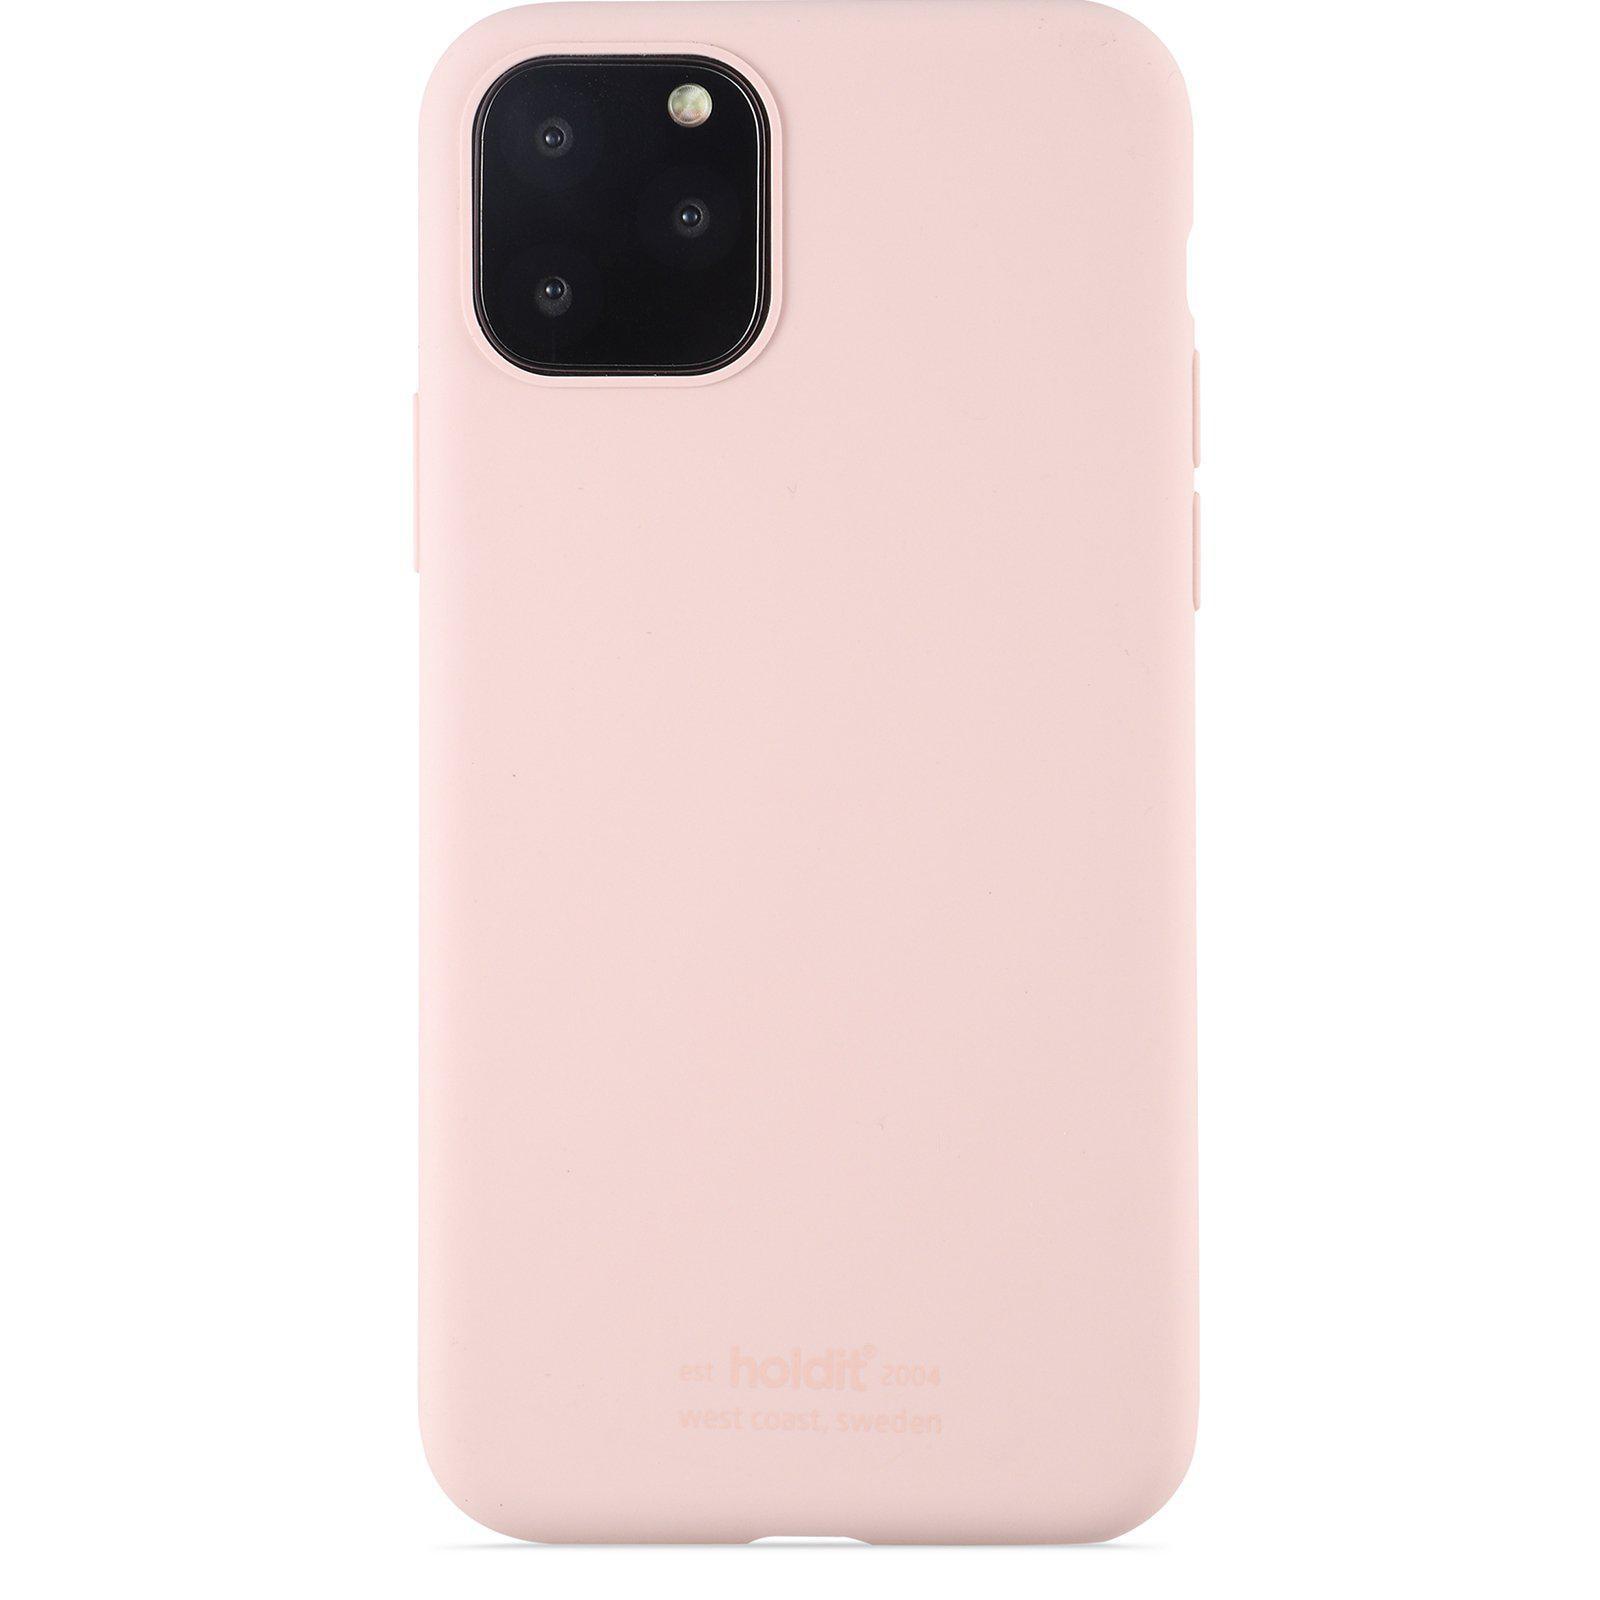 Silikonskal iPhone 11 Pro/XS/X Blush Pink